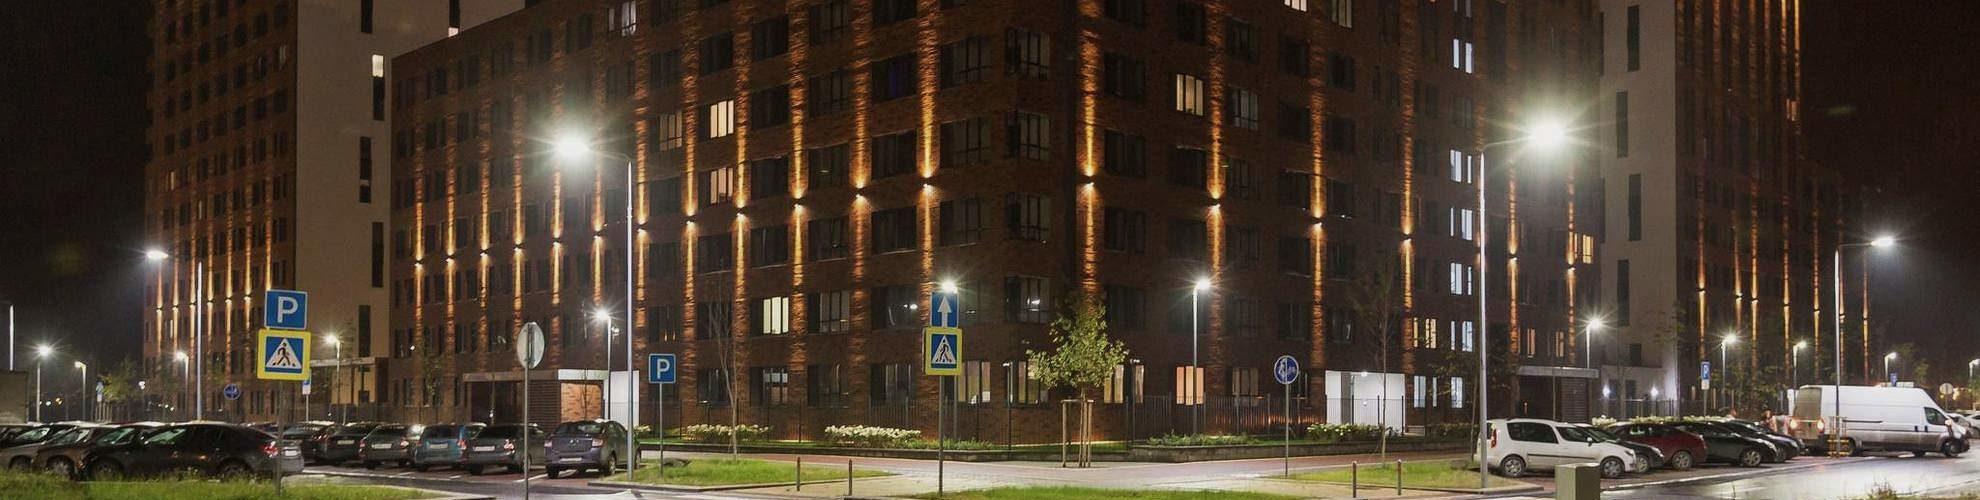 уличное освещение4